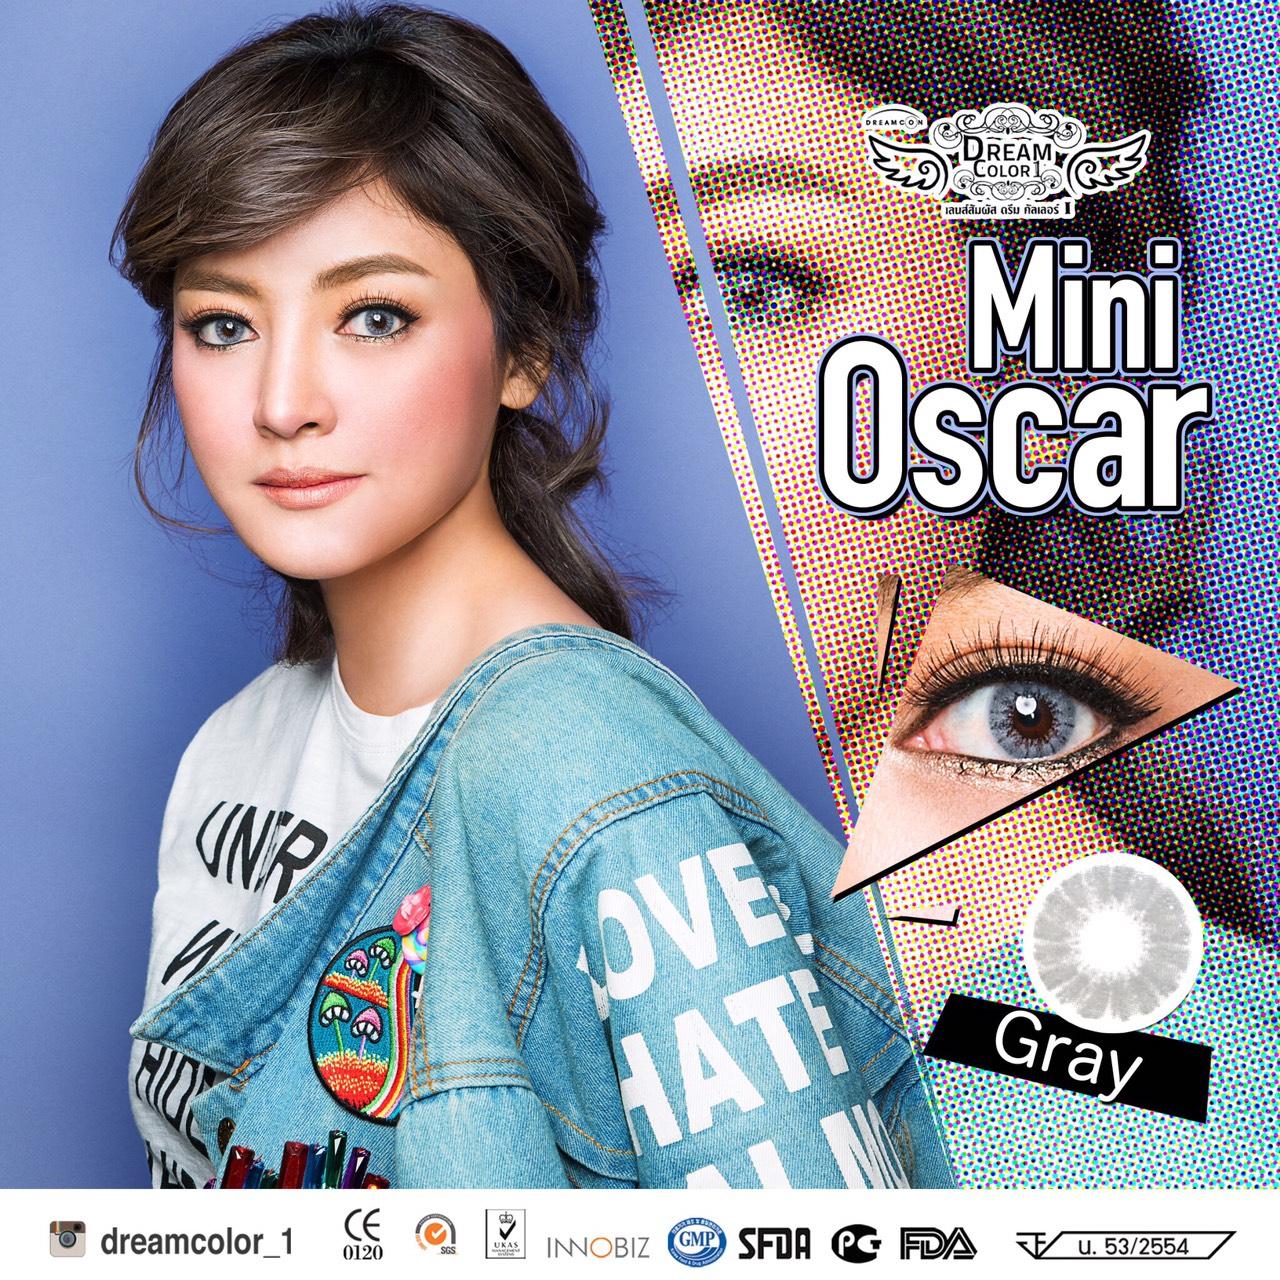 Dreamcolor1 Mini Tubtim Grey Softlens Minus 250 Gratis Lenscase Source · Lens Case Daftar Update Source PIGRABBITLENS OFFICIAL Source Dreamcolor1 Mini Oscar ...